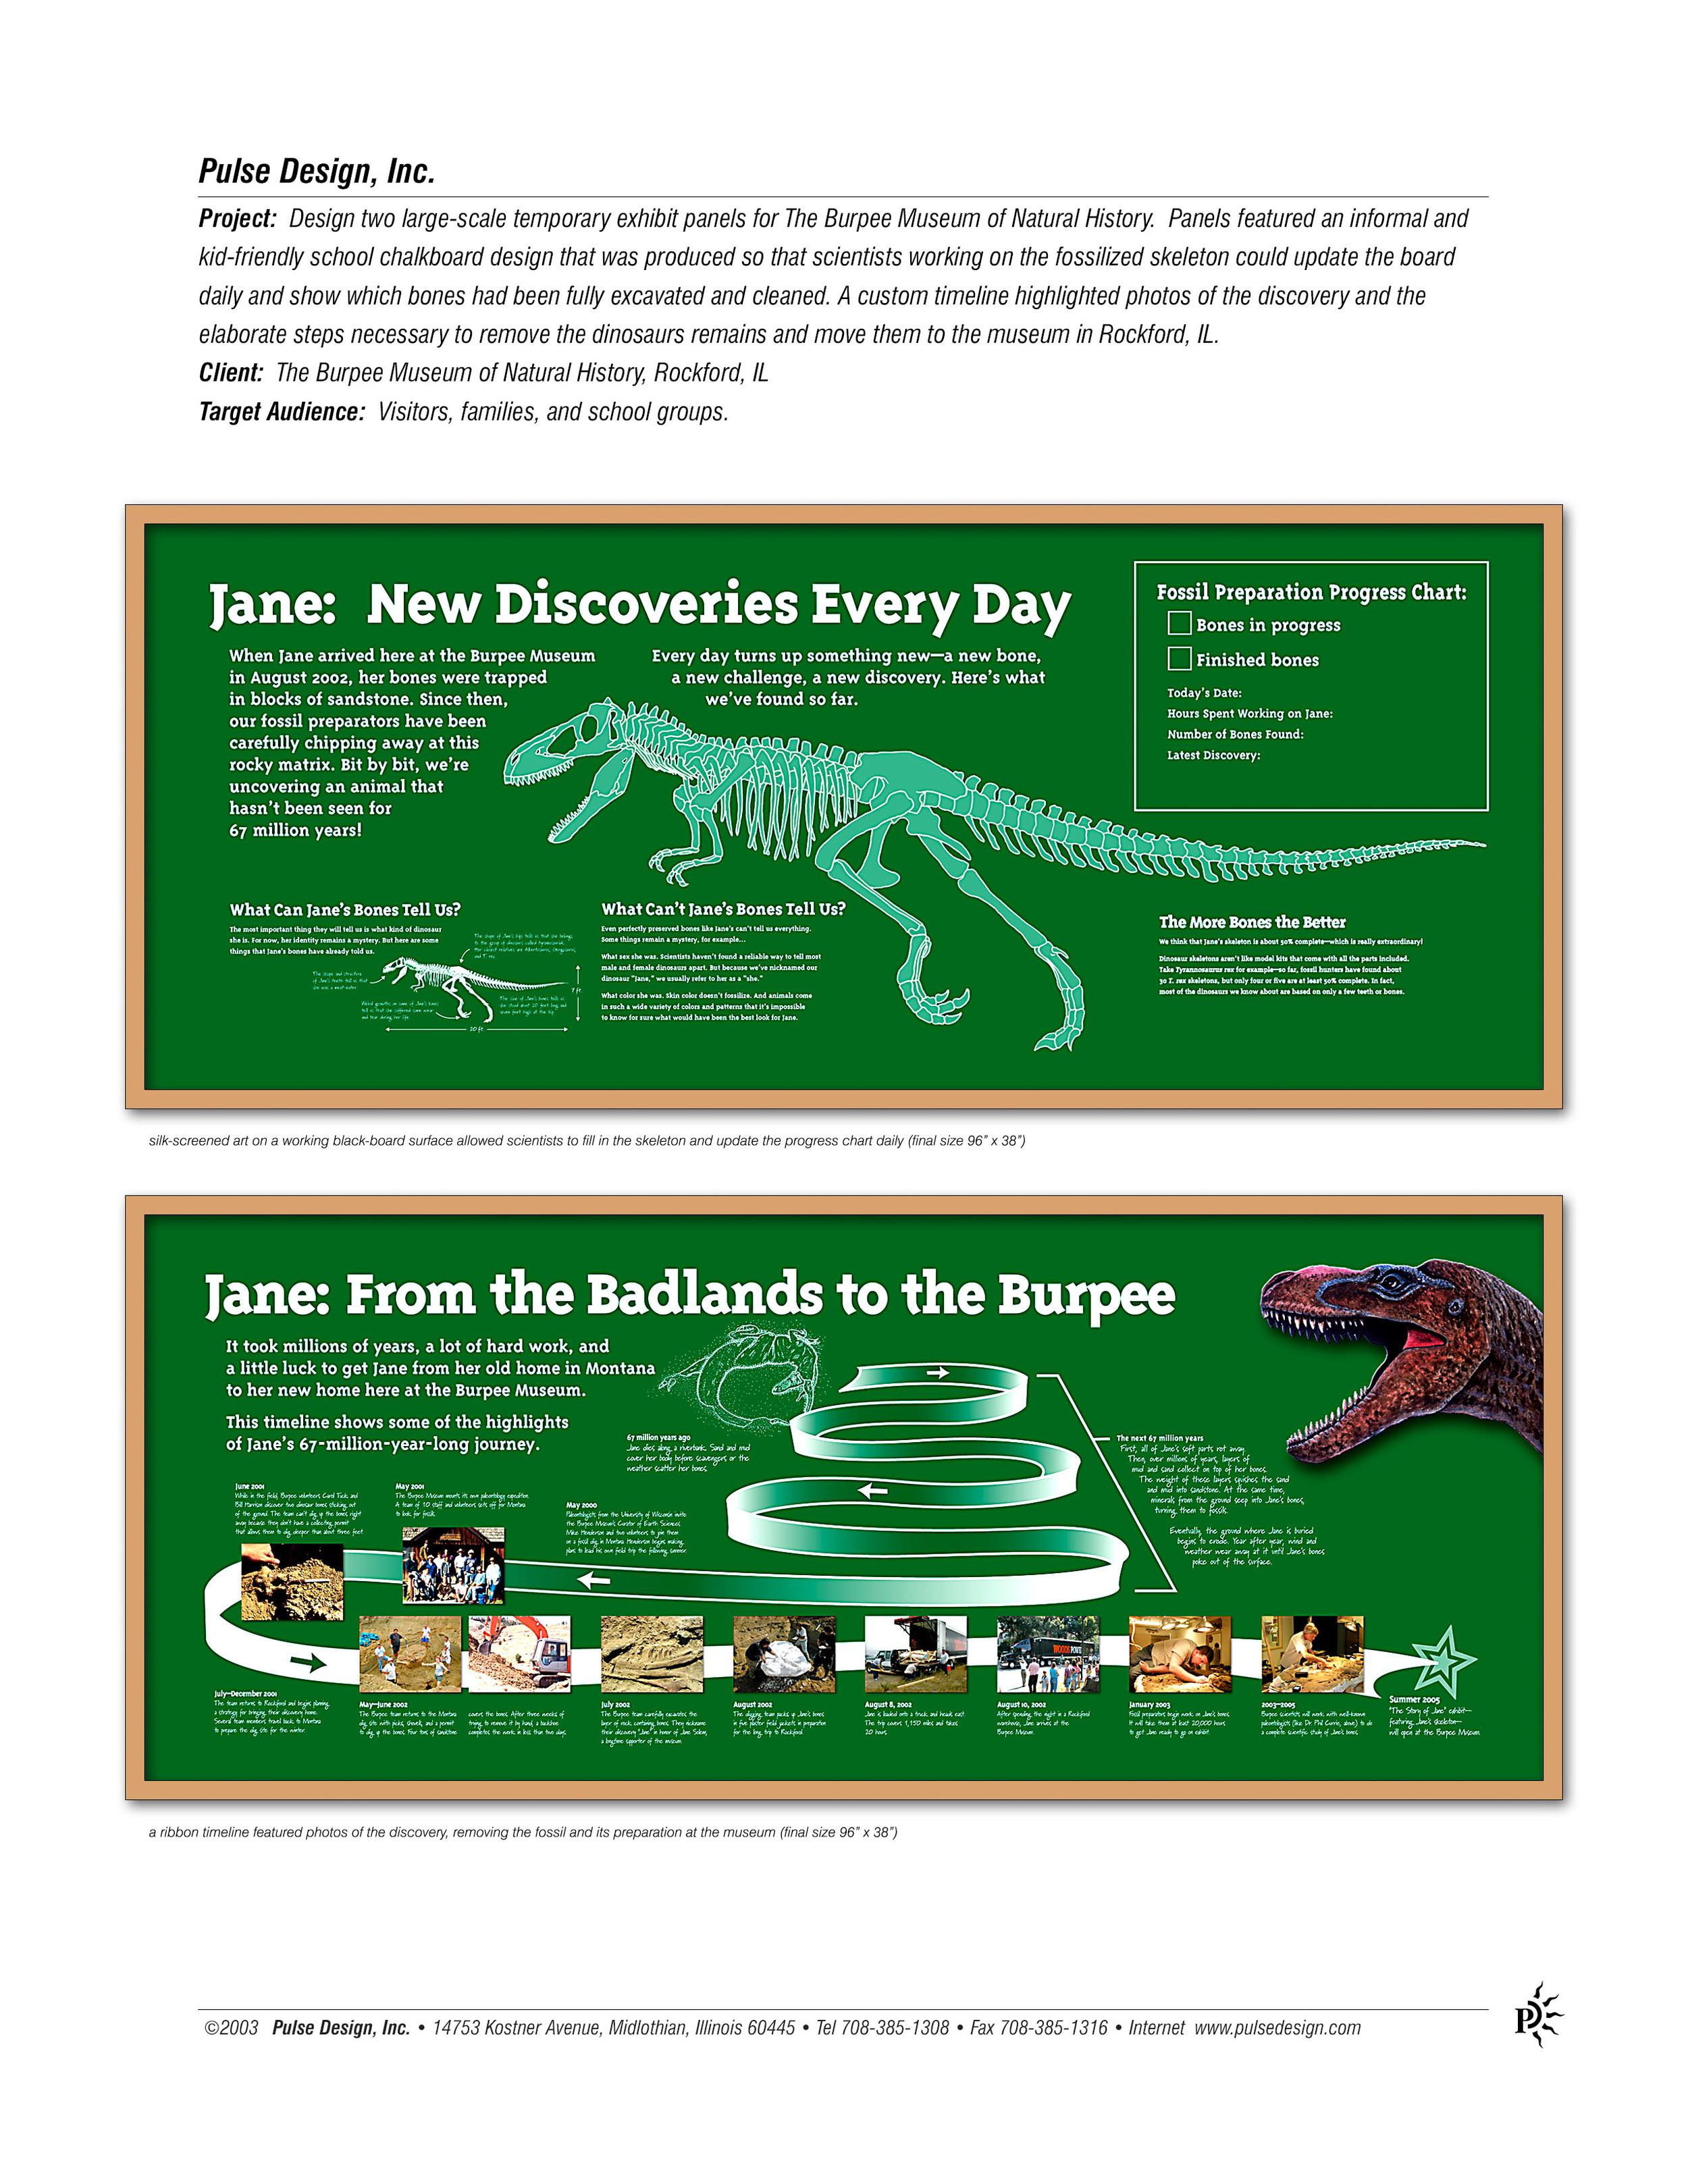 Burpee-Museum-Jane-Dinosaur-Exhibit-Pulse-Design-Inc.jpg